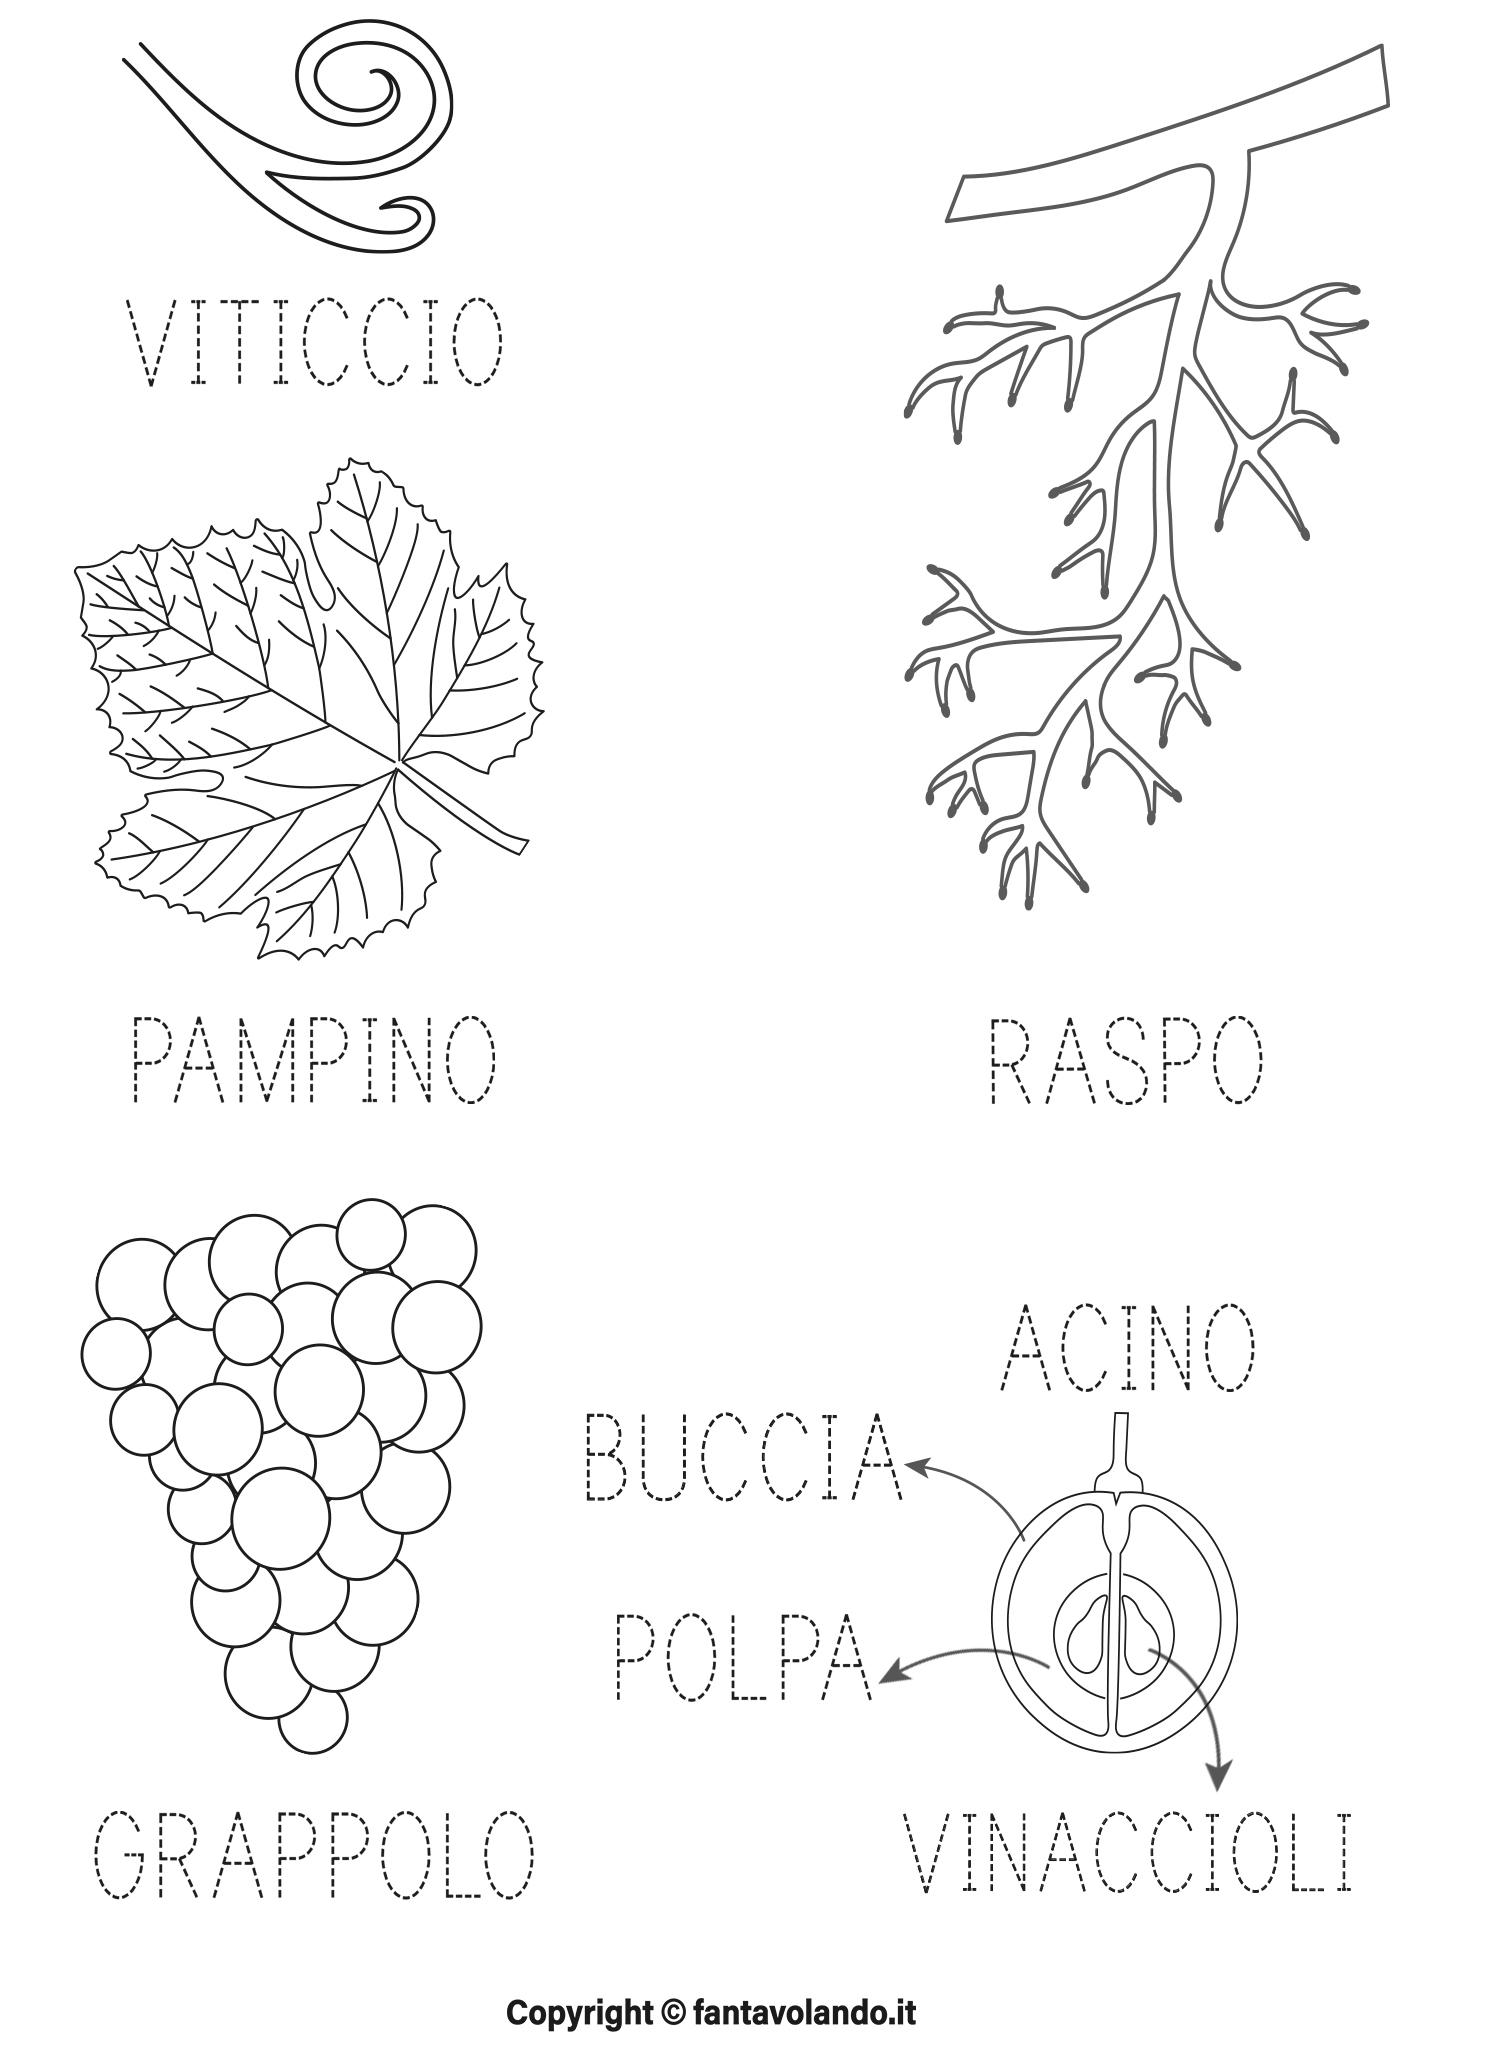 Conosciuto Autunno: scopriamo l'uva (schede e poesia) - Fantavolando CW23